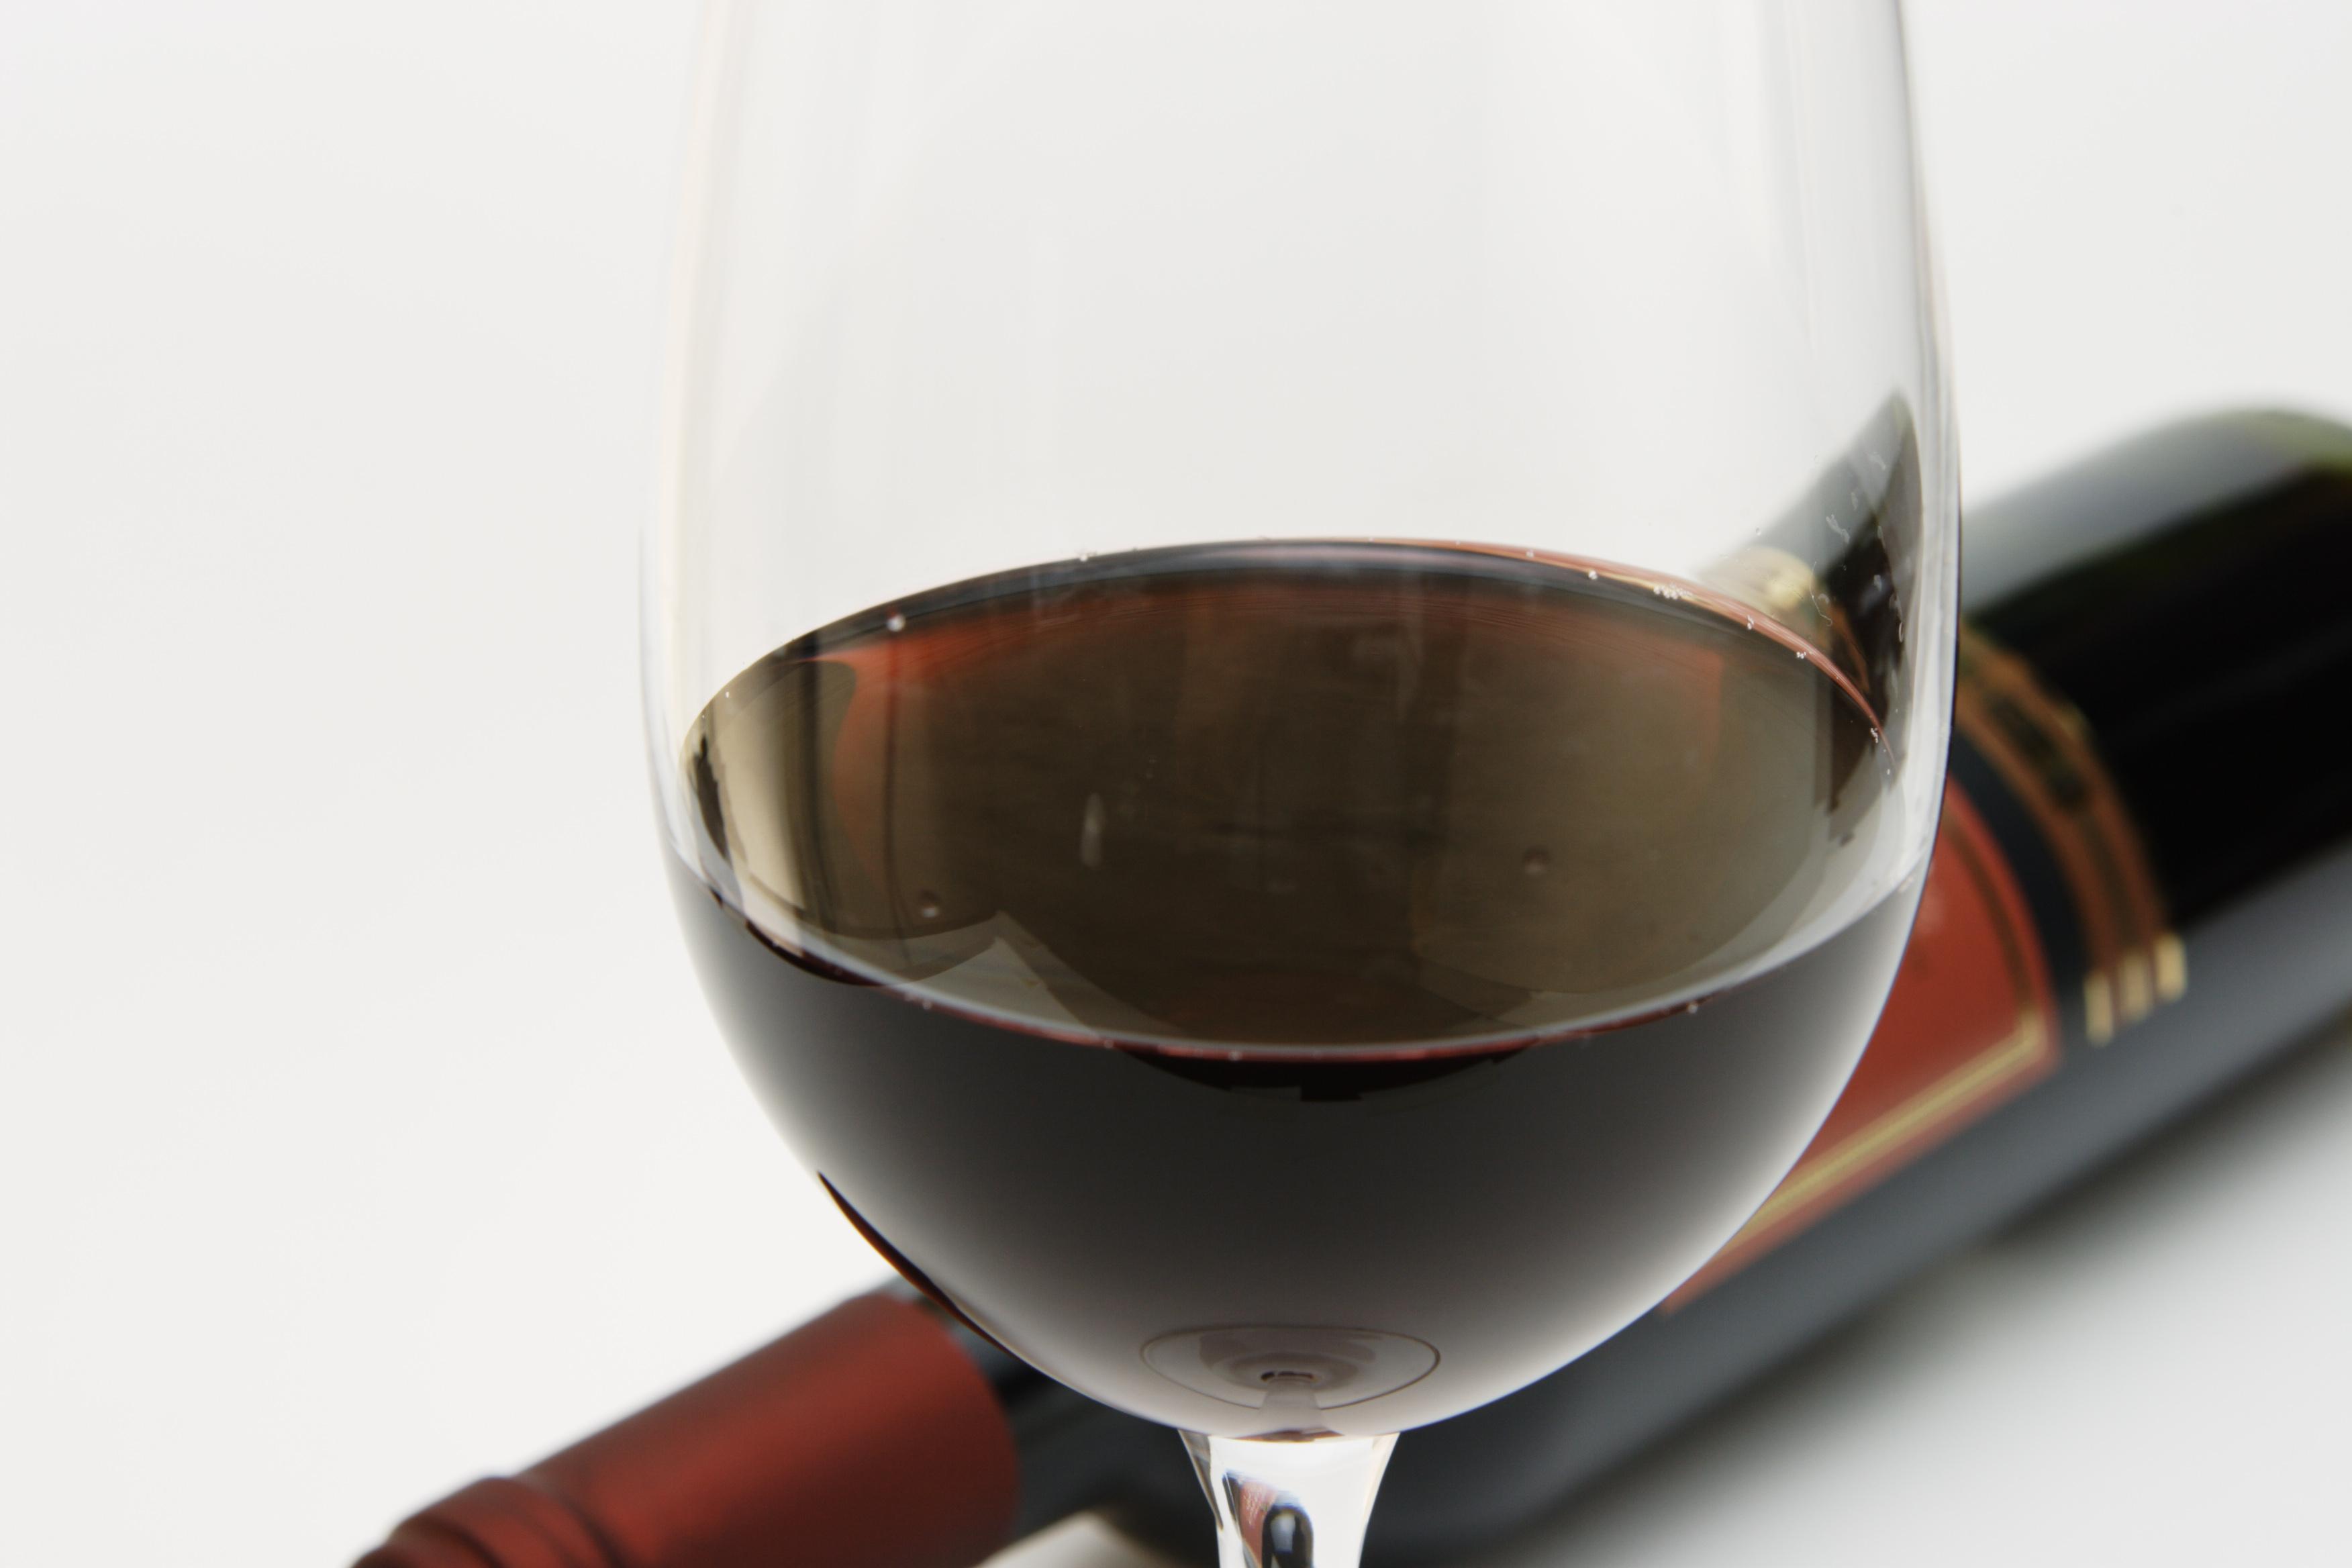 プチプラなワインも贅沢な味になりそうなグラス&アイテム